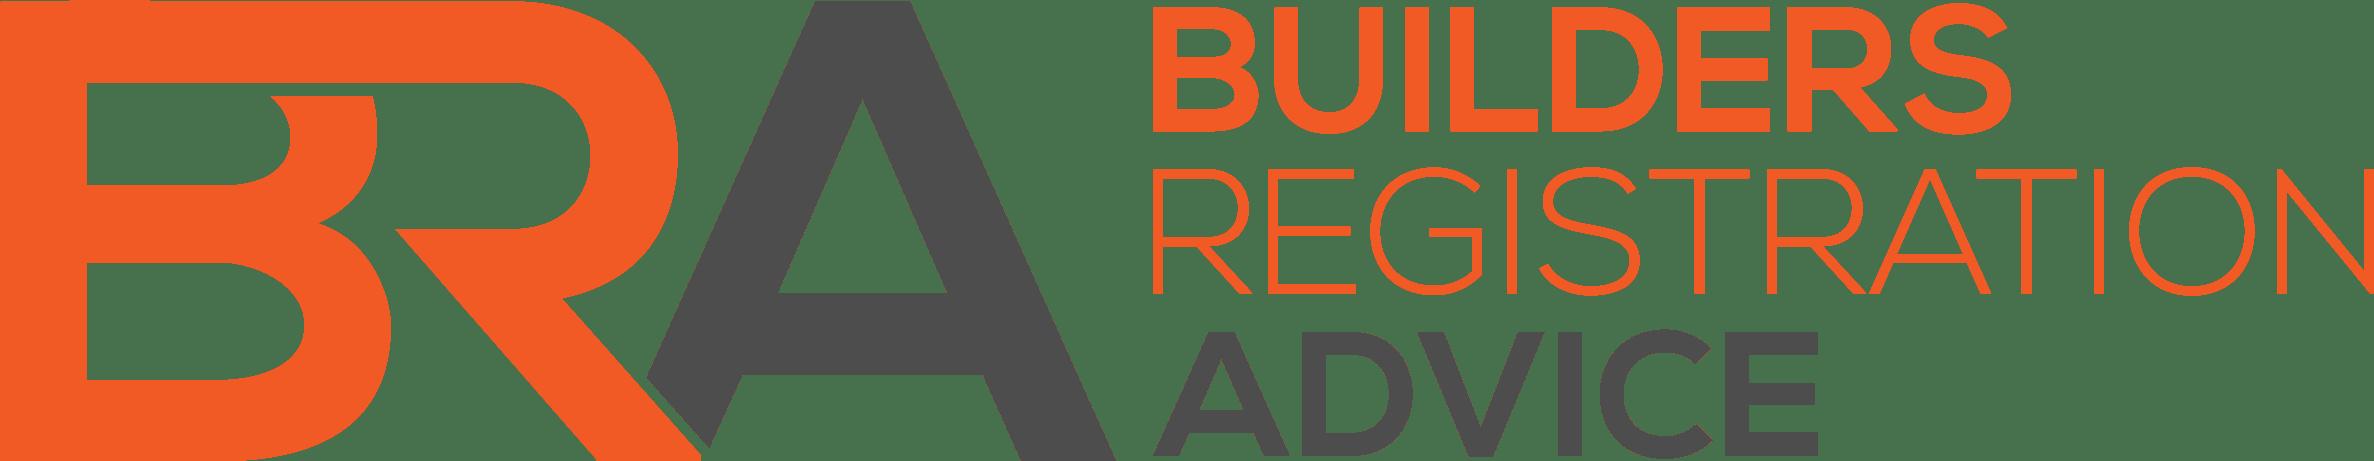 Builder Registration Advice